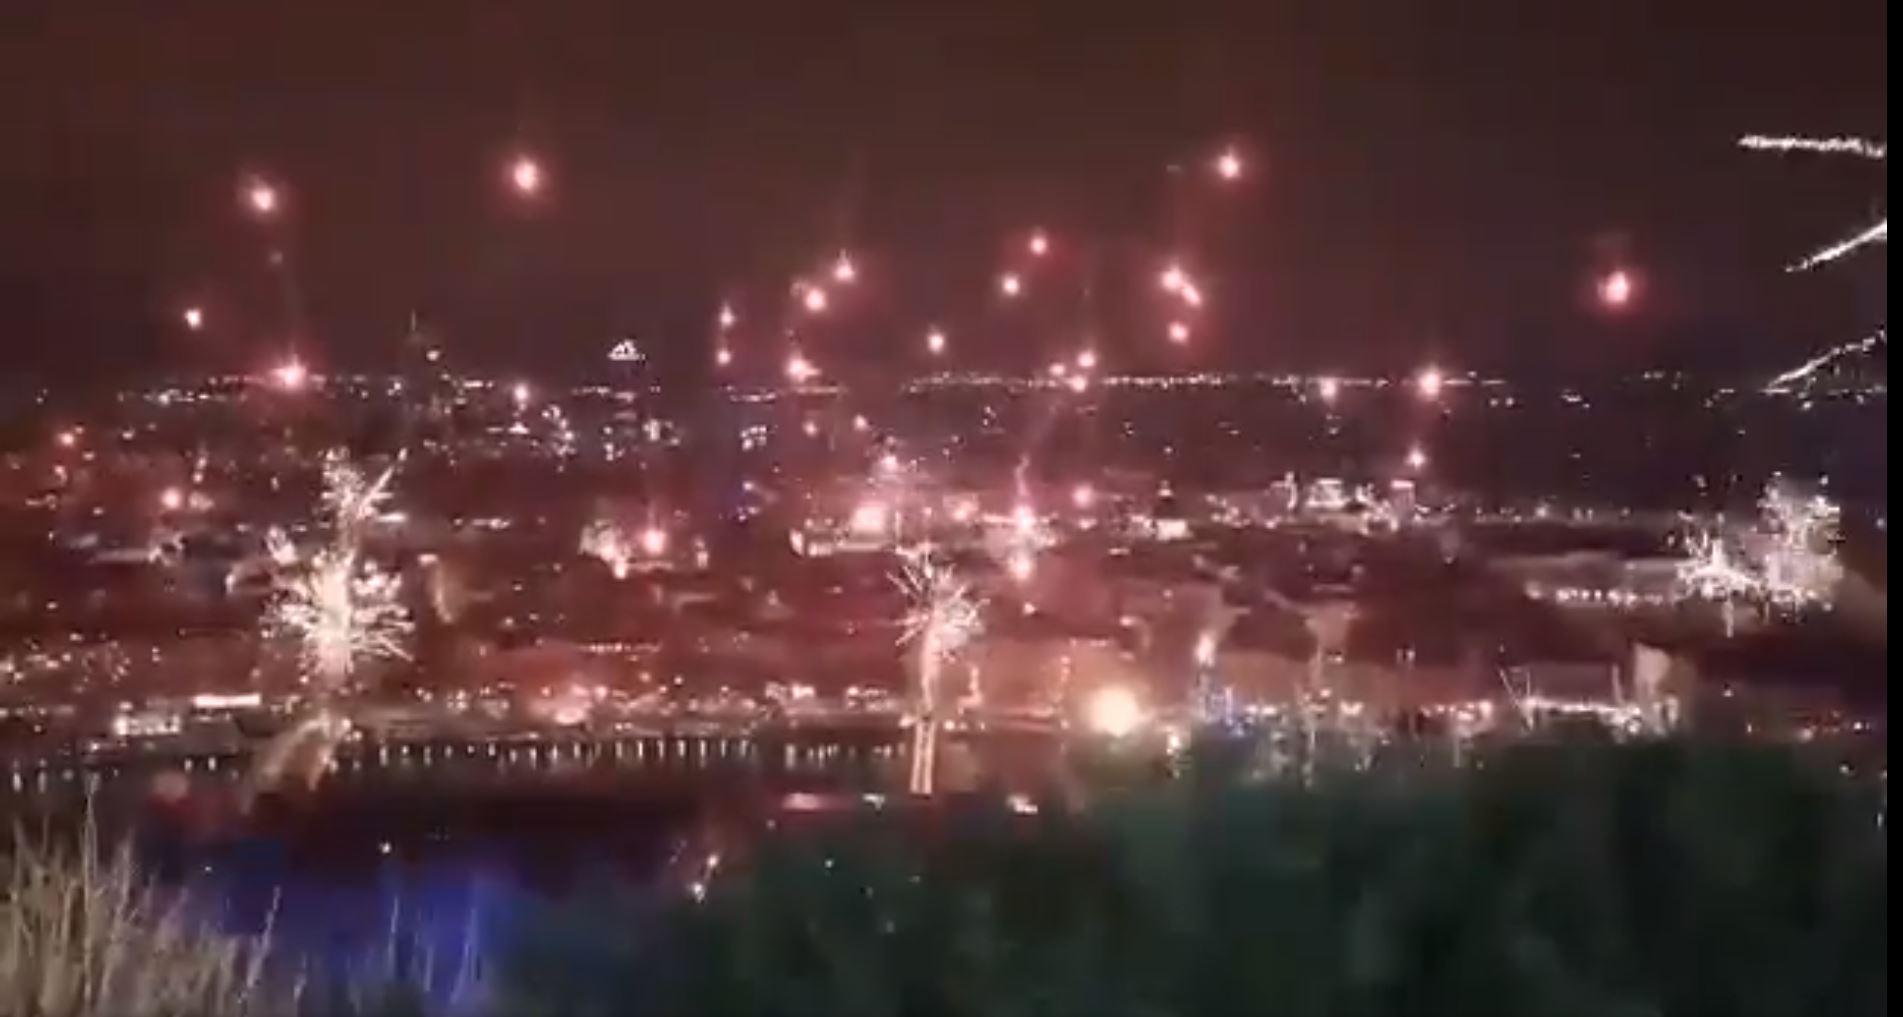 Lyon : un spectaculaire feu d'artifice exaspère la mairie et les autorités